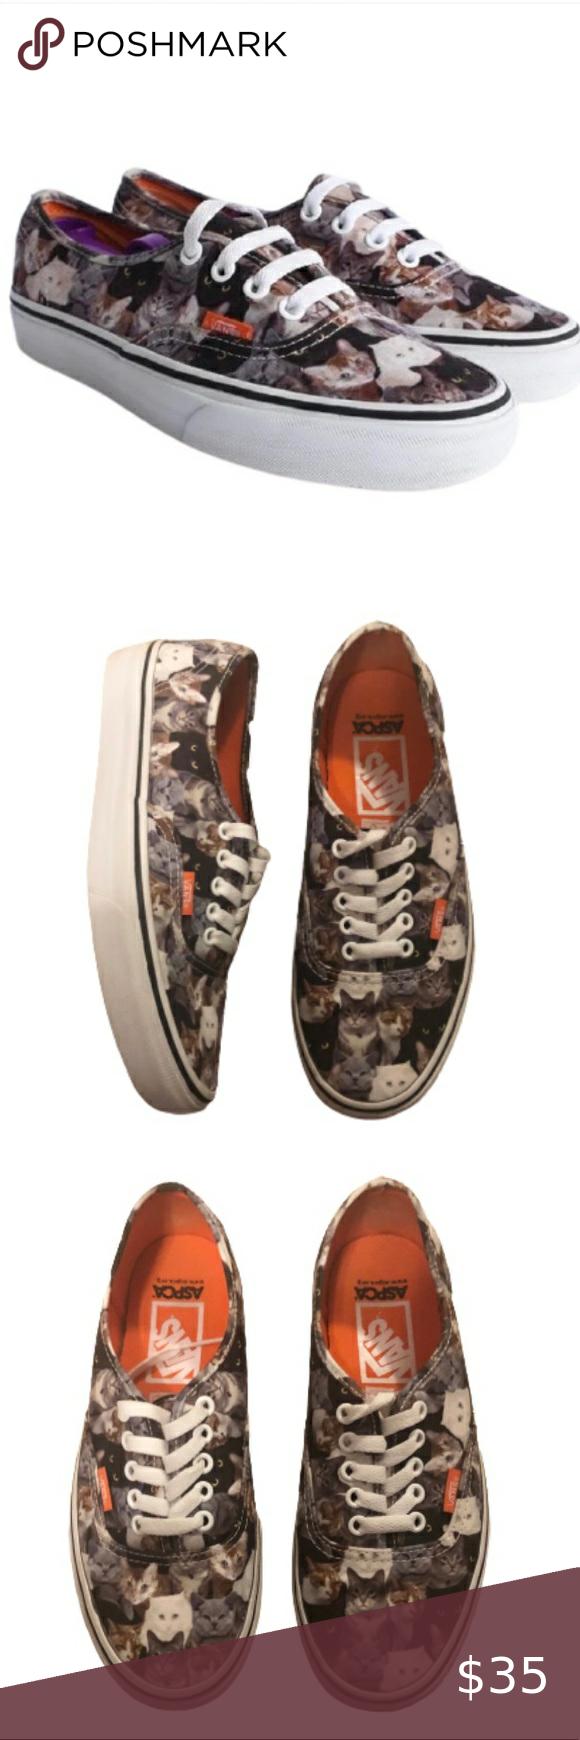 Vans Aspca Kitten Sneakers Vans Aspca Kitten Sneakers Size 8 Inspired For The Prevention Of Animal Cruelty Kitten Design Low In 2020 Sneakers Vans Sneakers Vans Shoes